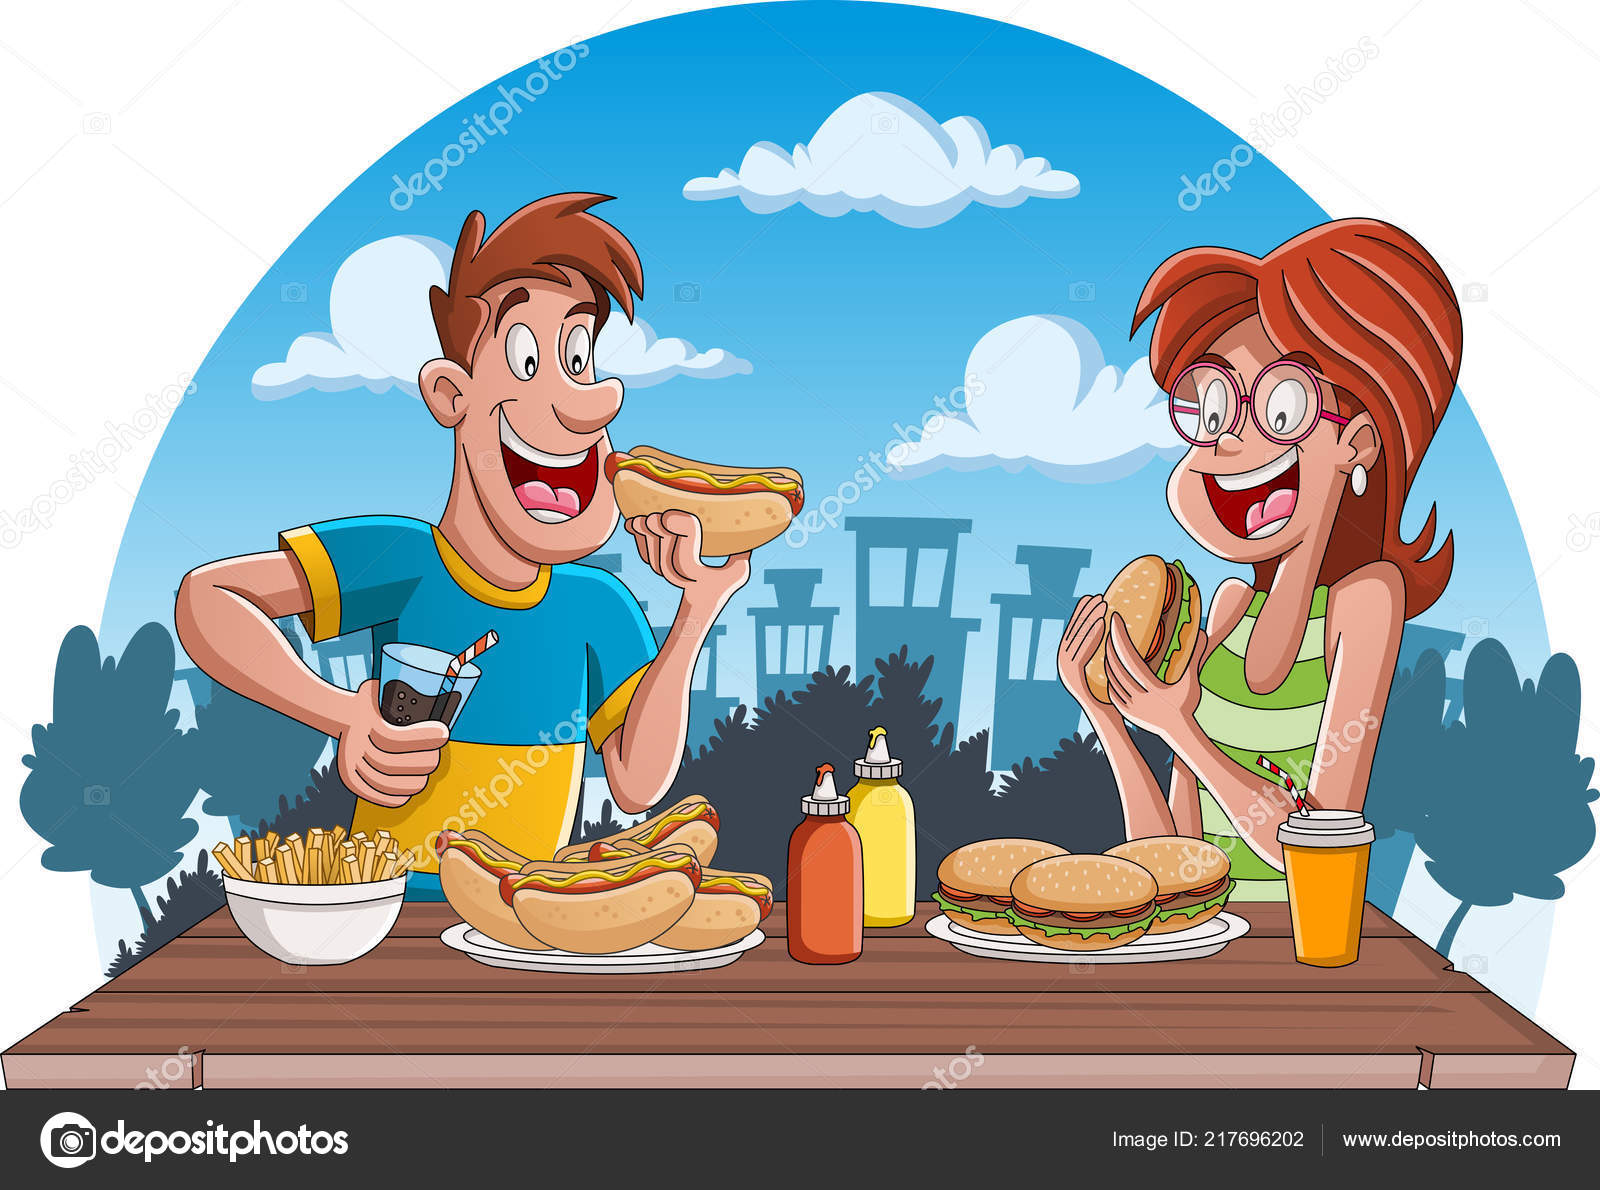 Par Dibujos Animados Personas Comiendo Comida Chatarra